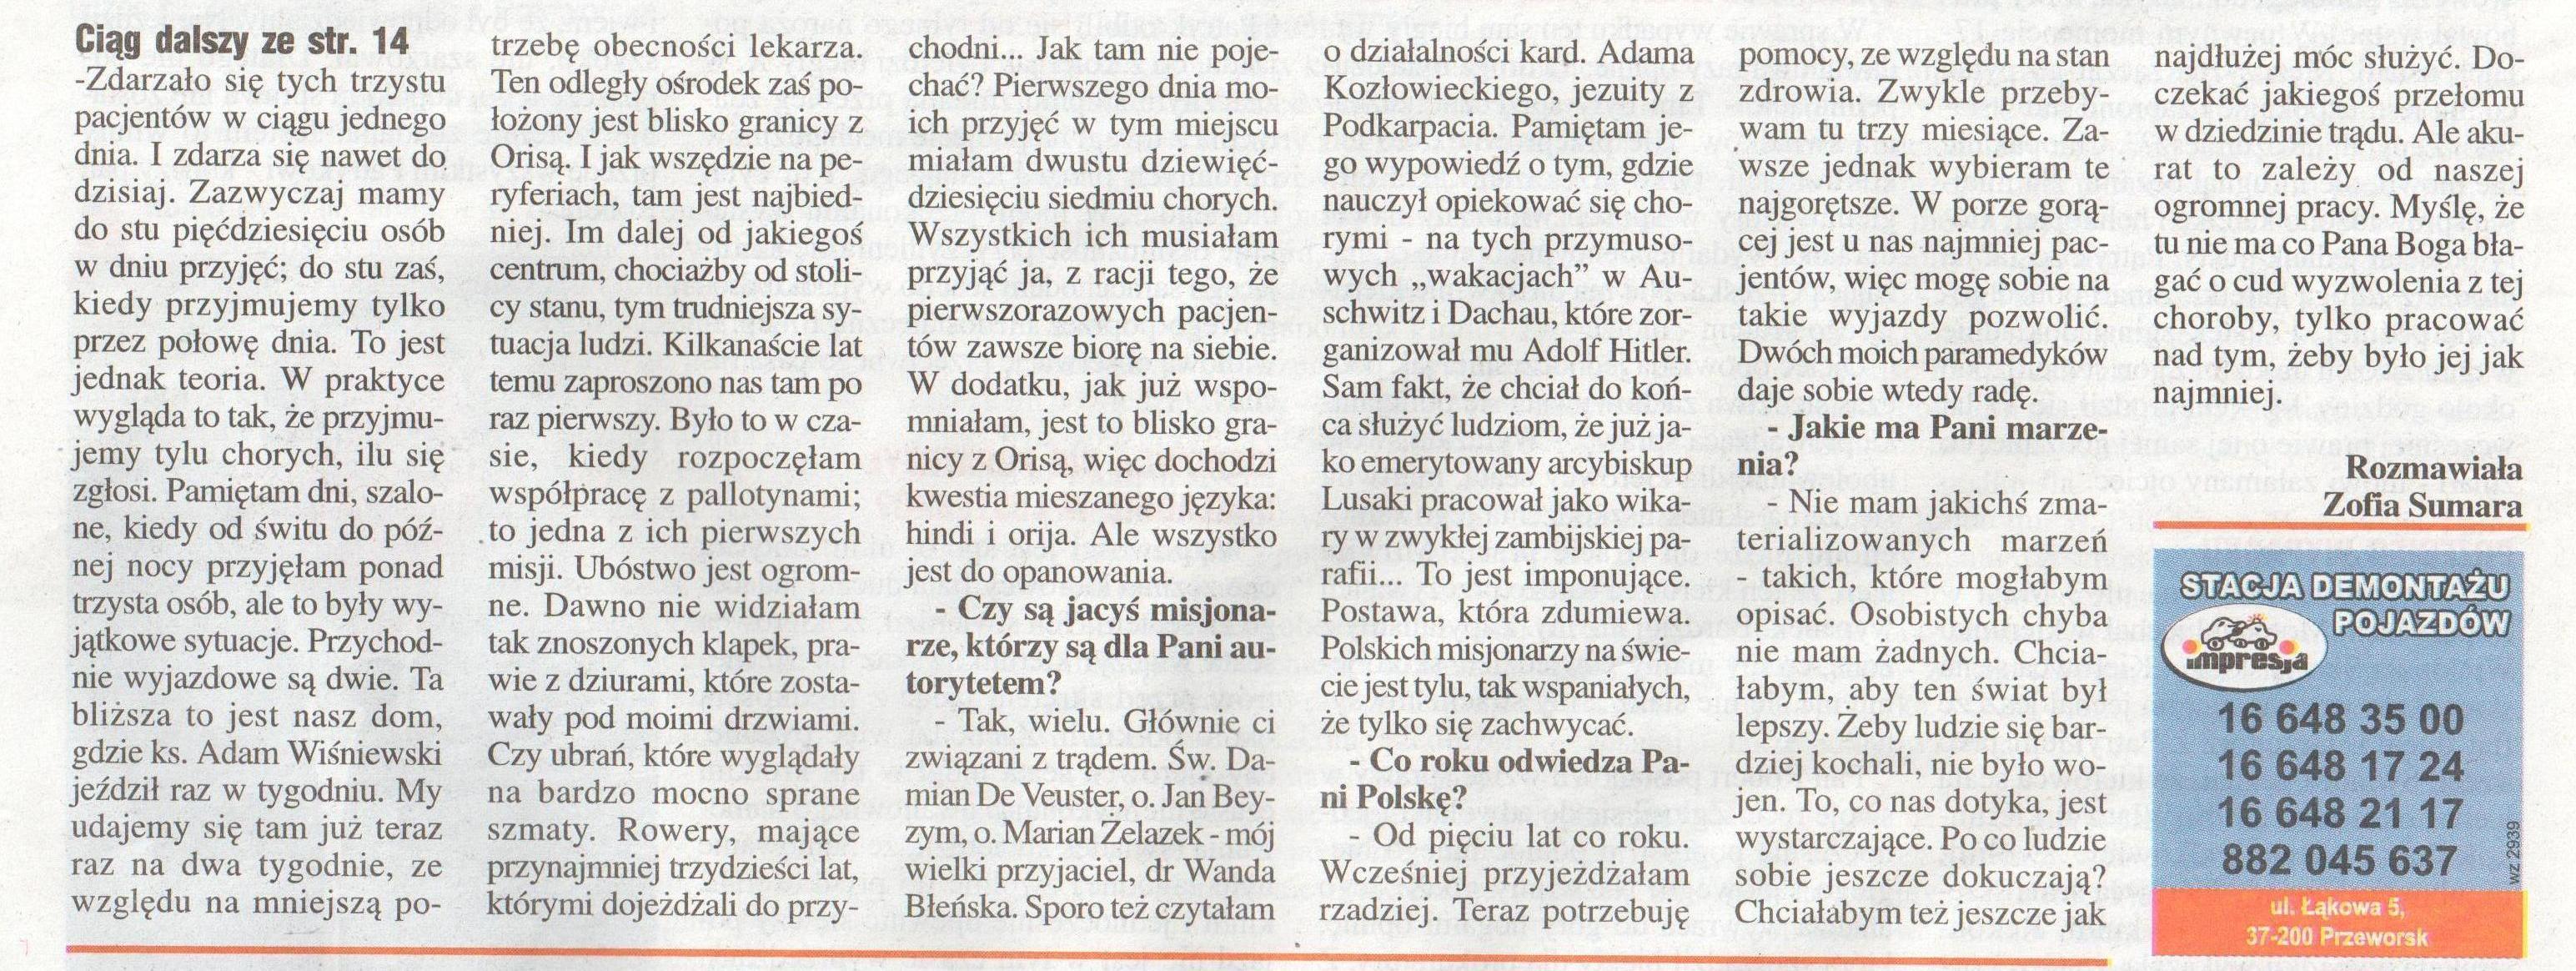 Wywiad z Panią dr Heleną Pyz, cz. 3